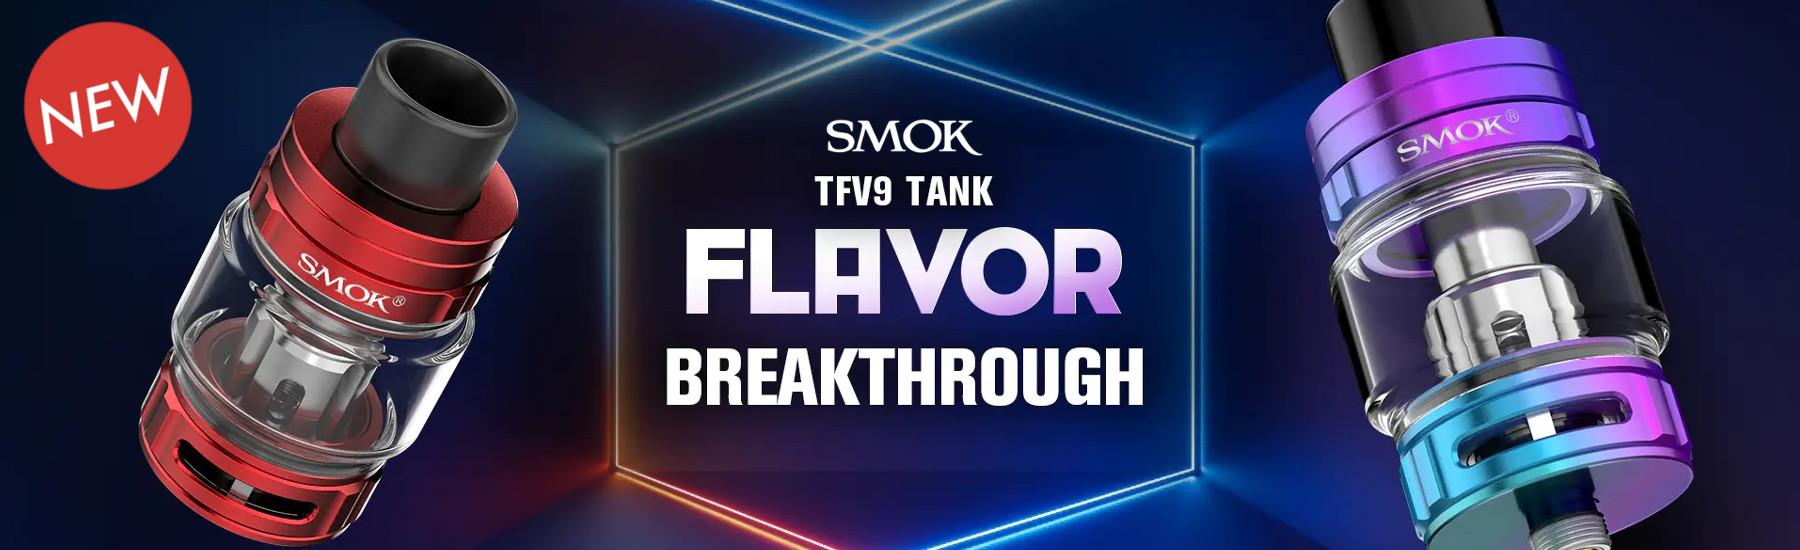 smok_tfv9_tank_banner